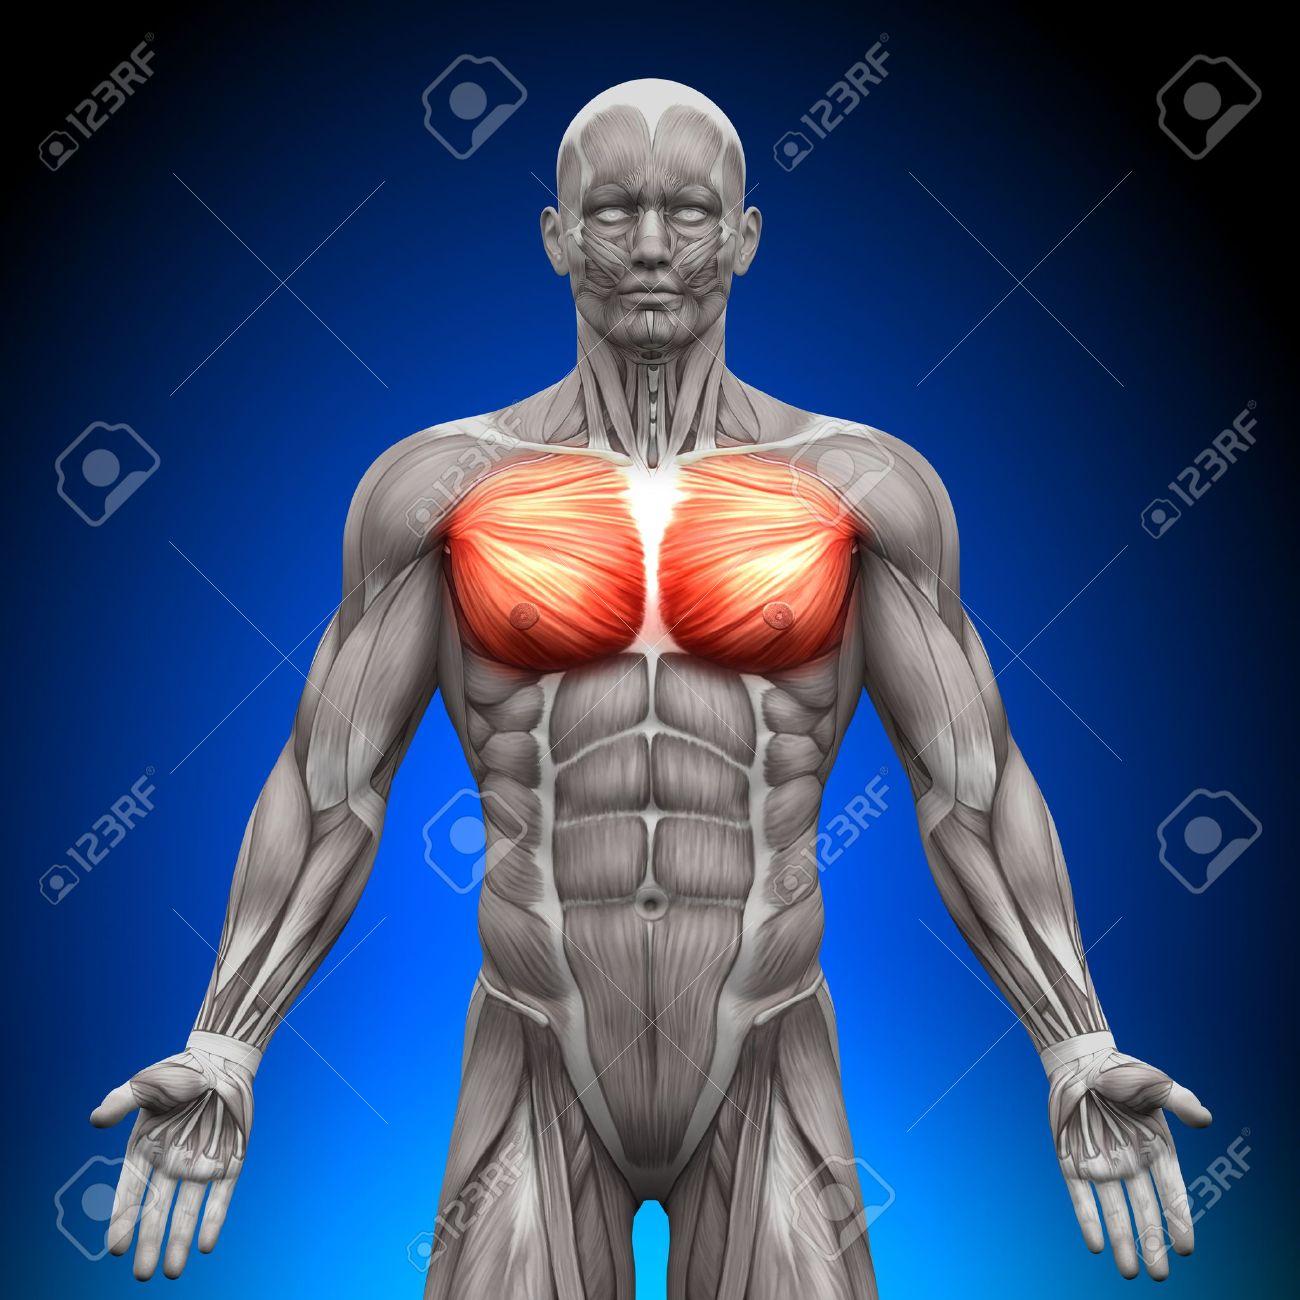 Atractivo Pecho Anatomía Muscular Componente - Imágenes de Anatomía ...